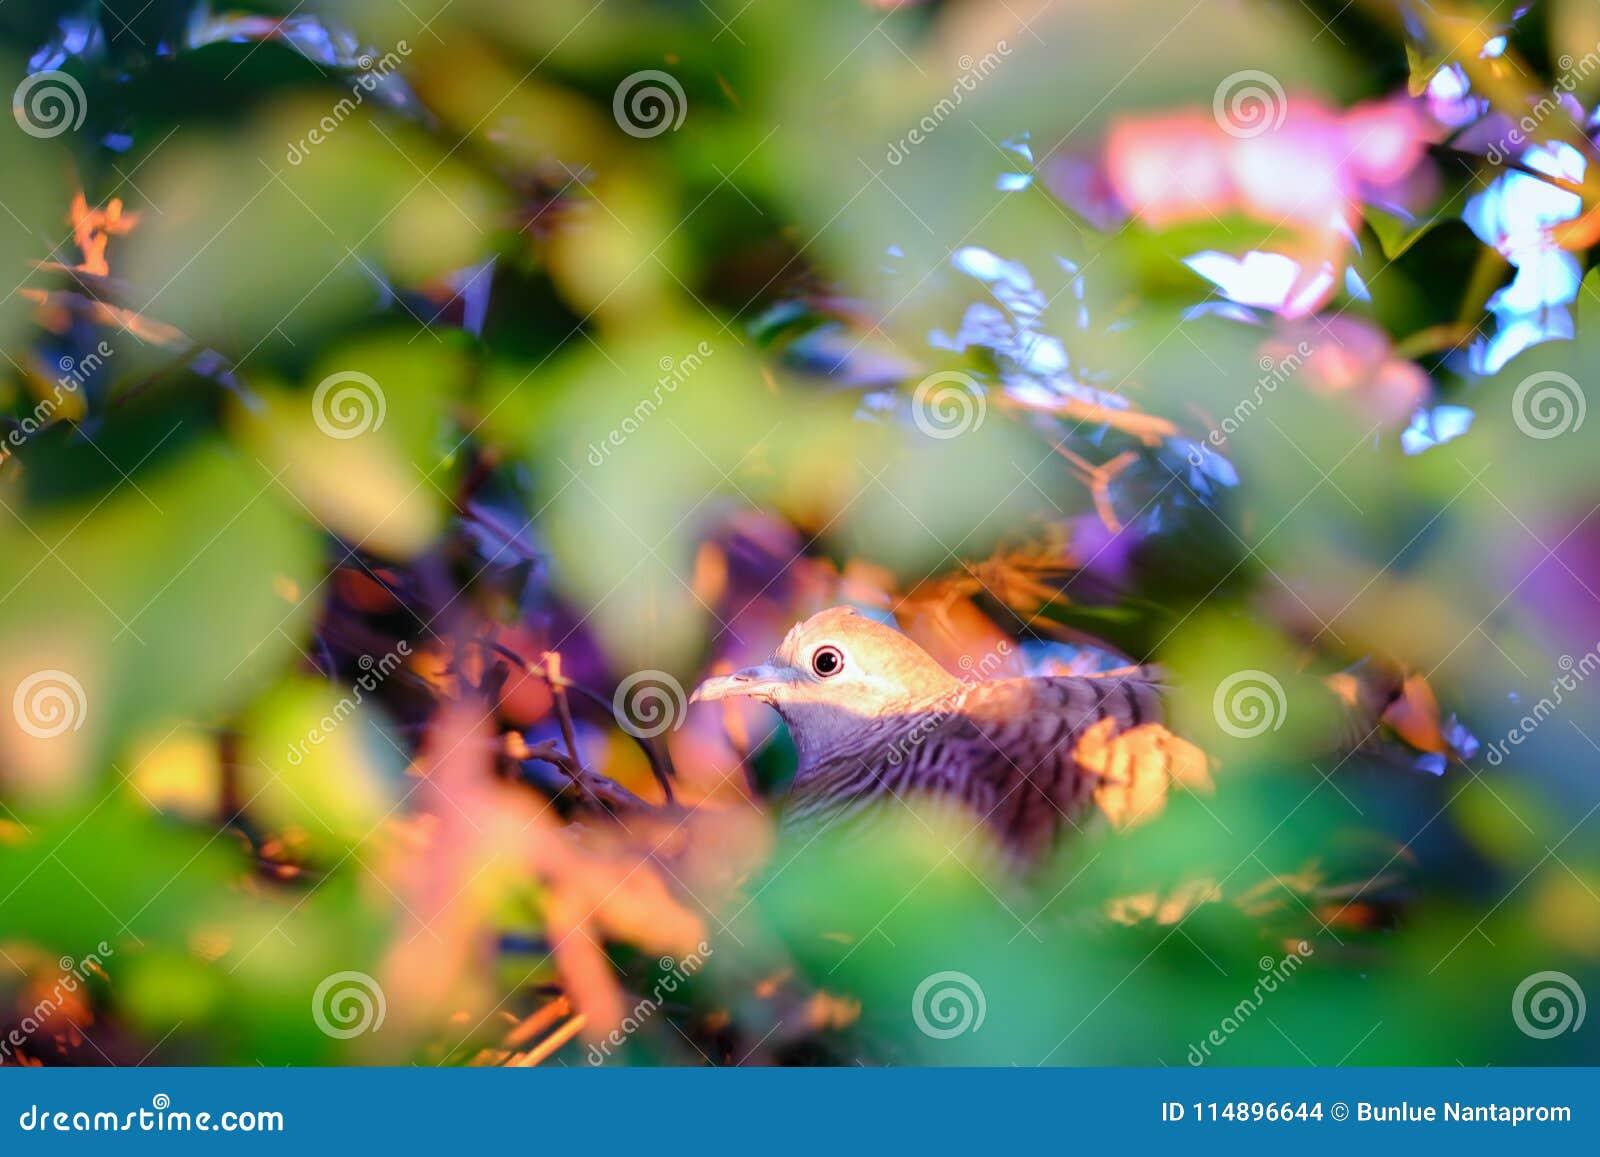 与花的特写镜头美丽的眼睛鸟, a的动物照片